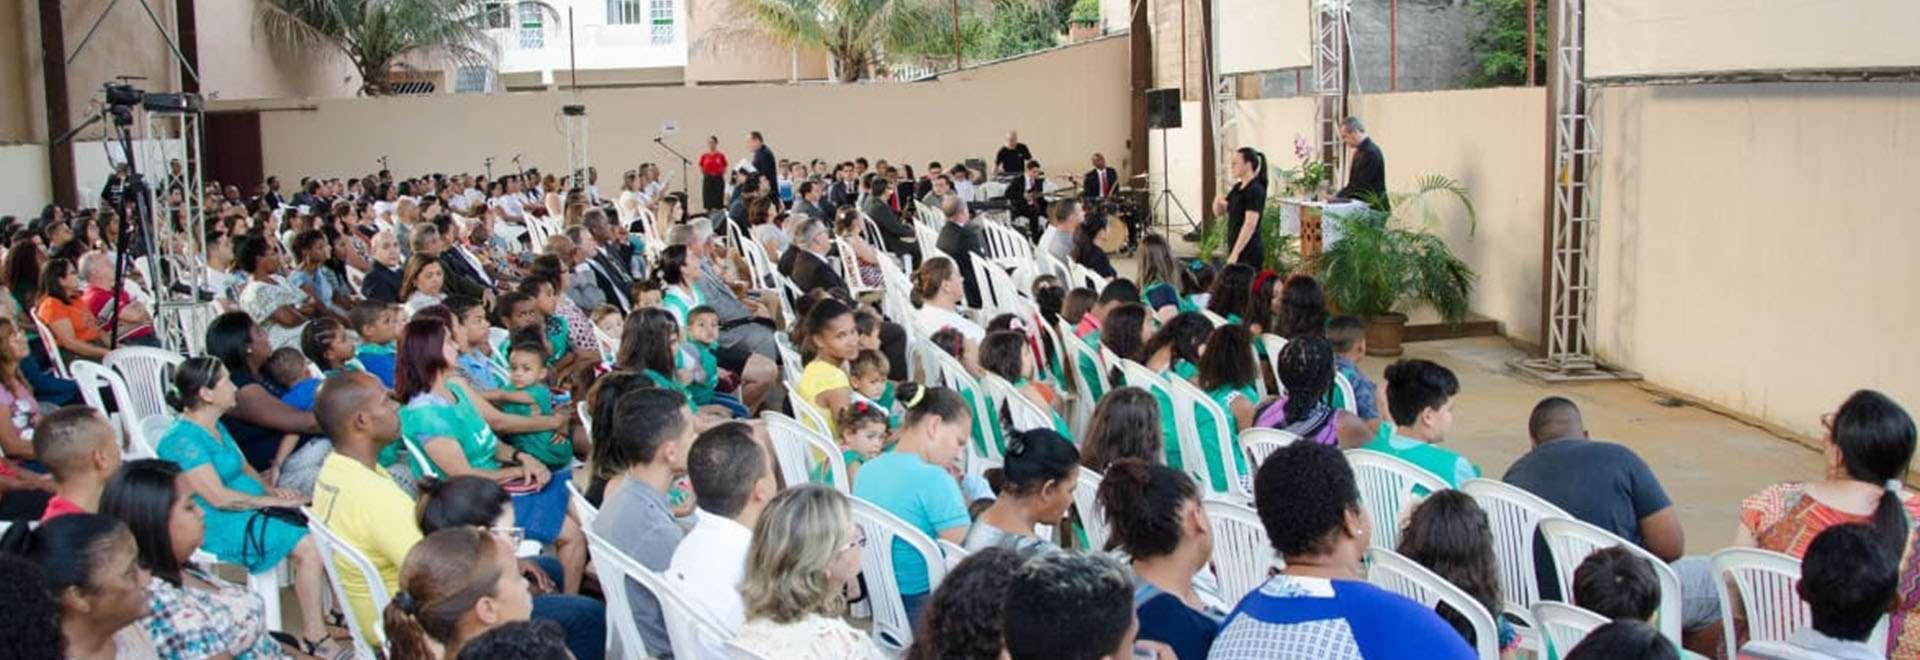 Culto de evangelização em Oratórios, MG,  representa um marco para a Igreja Cristã Maranata na cidade